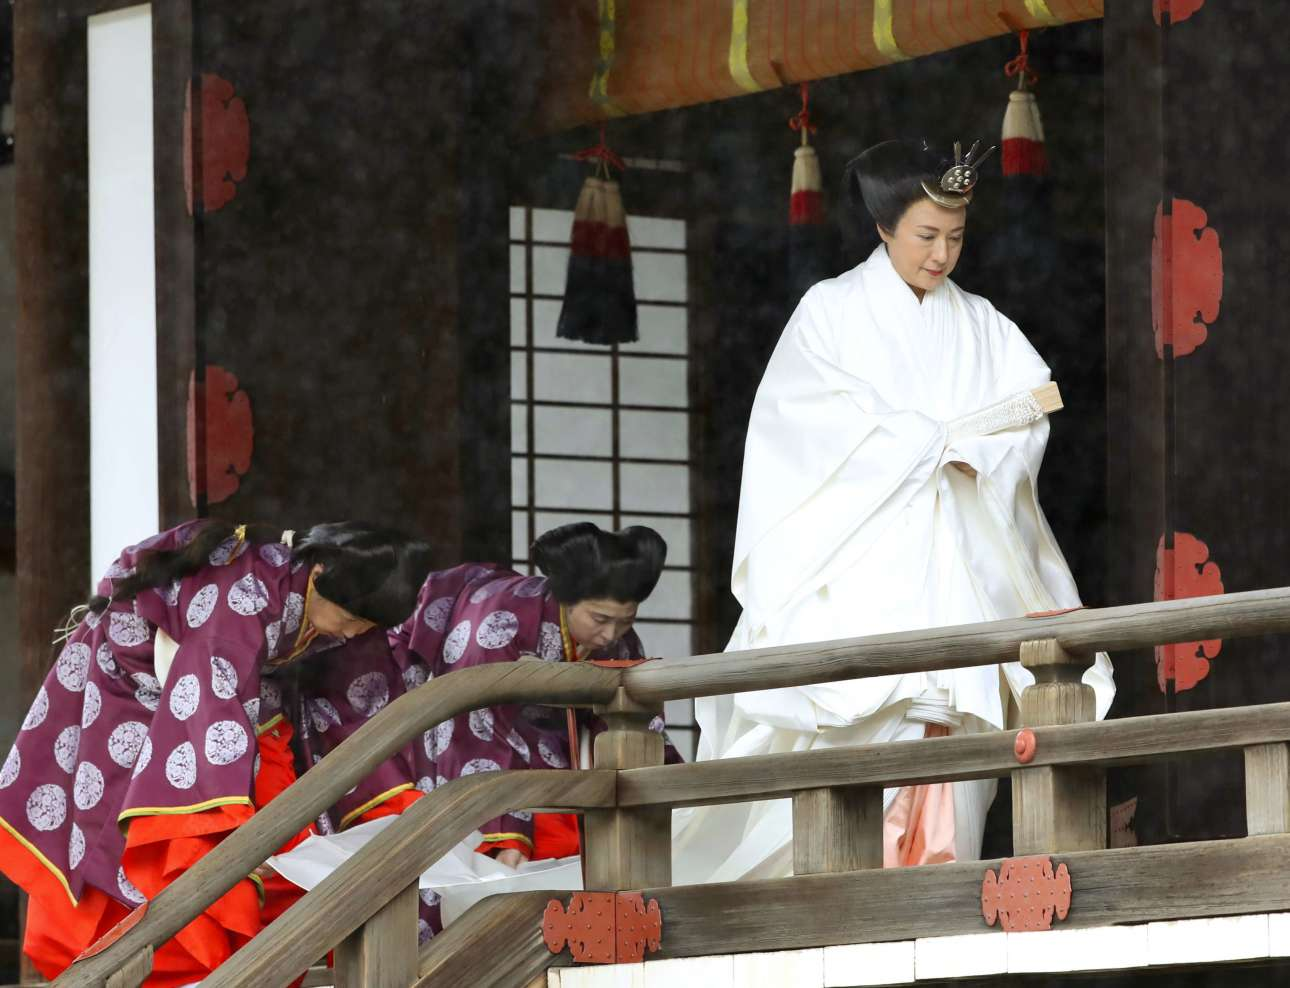 Η Μασάκο οδεύει προς την αίθουσα του θρόνου, στο παλάτι